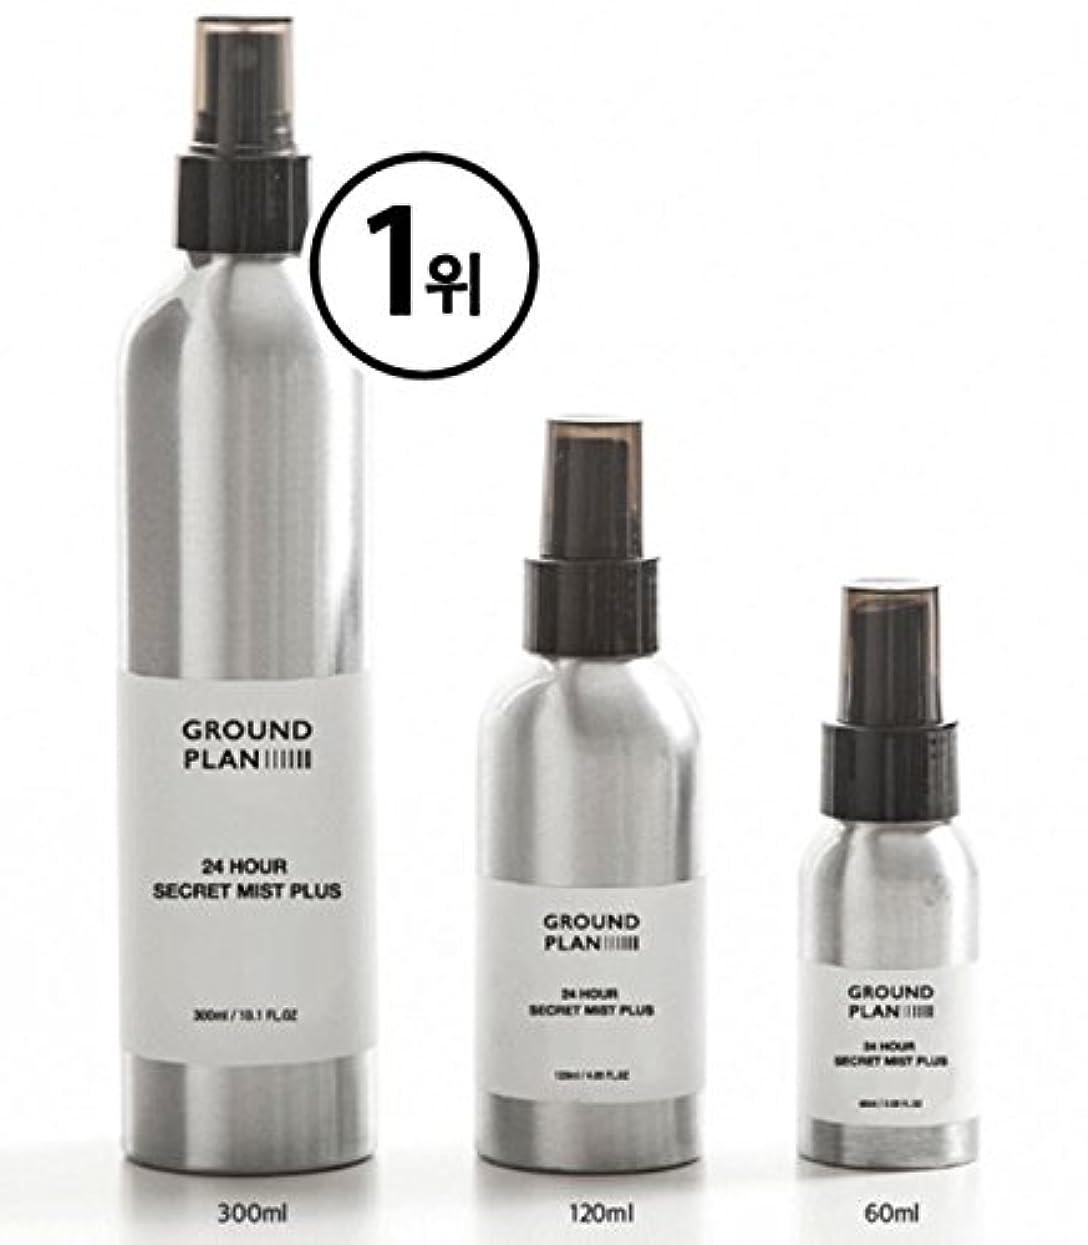 召集する湾故障中[グラウンド?プラン] 24Hour 秘密 スキンミスト Plus (60ml) Ground plan 24 Hour Secret Skin Mist Plus [海外直送品]